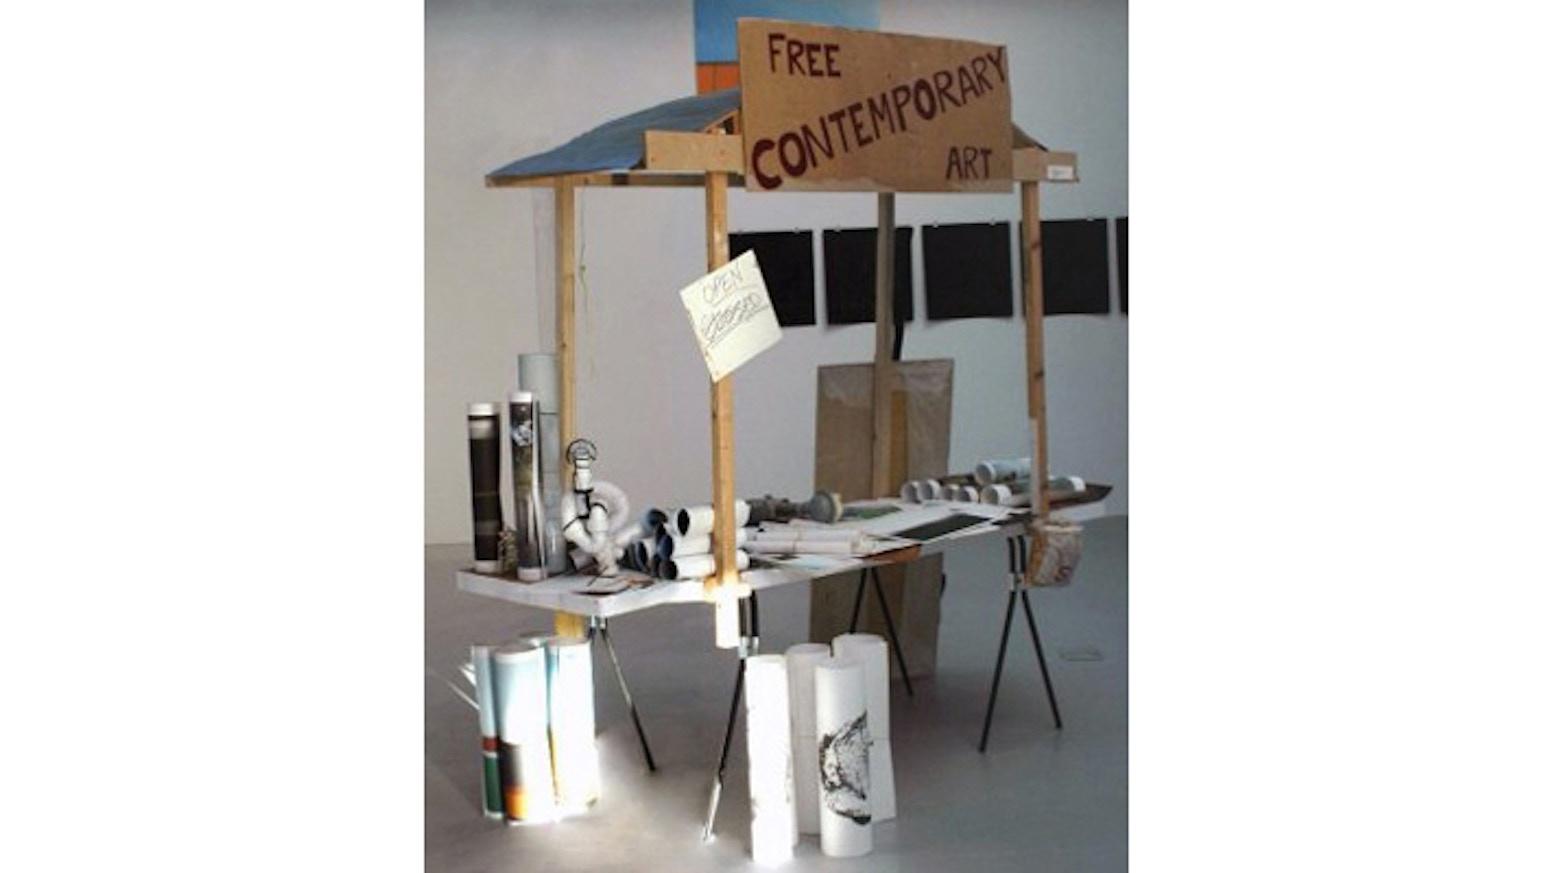 free art stand heads to miami by sean naftel updates kickstarter